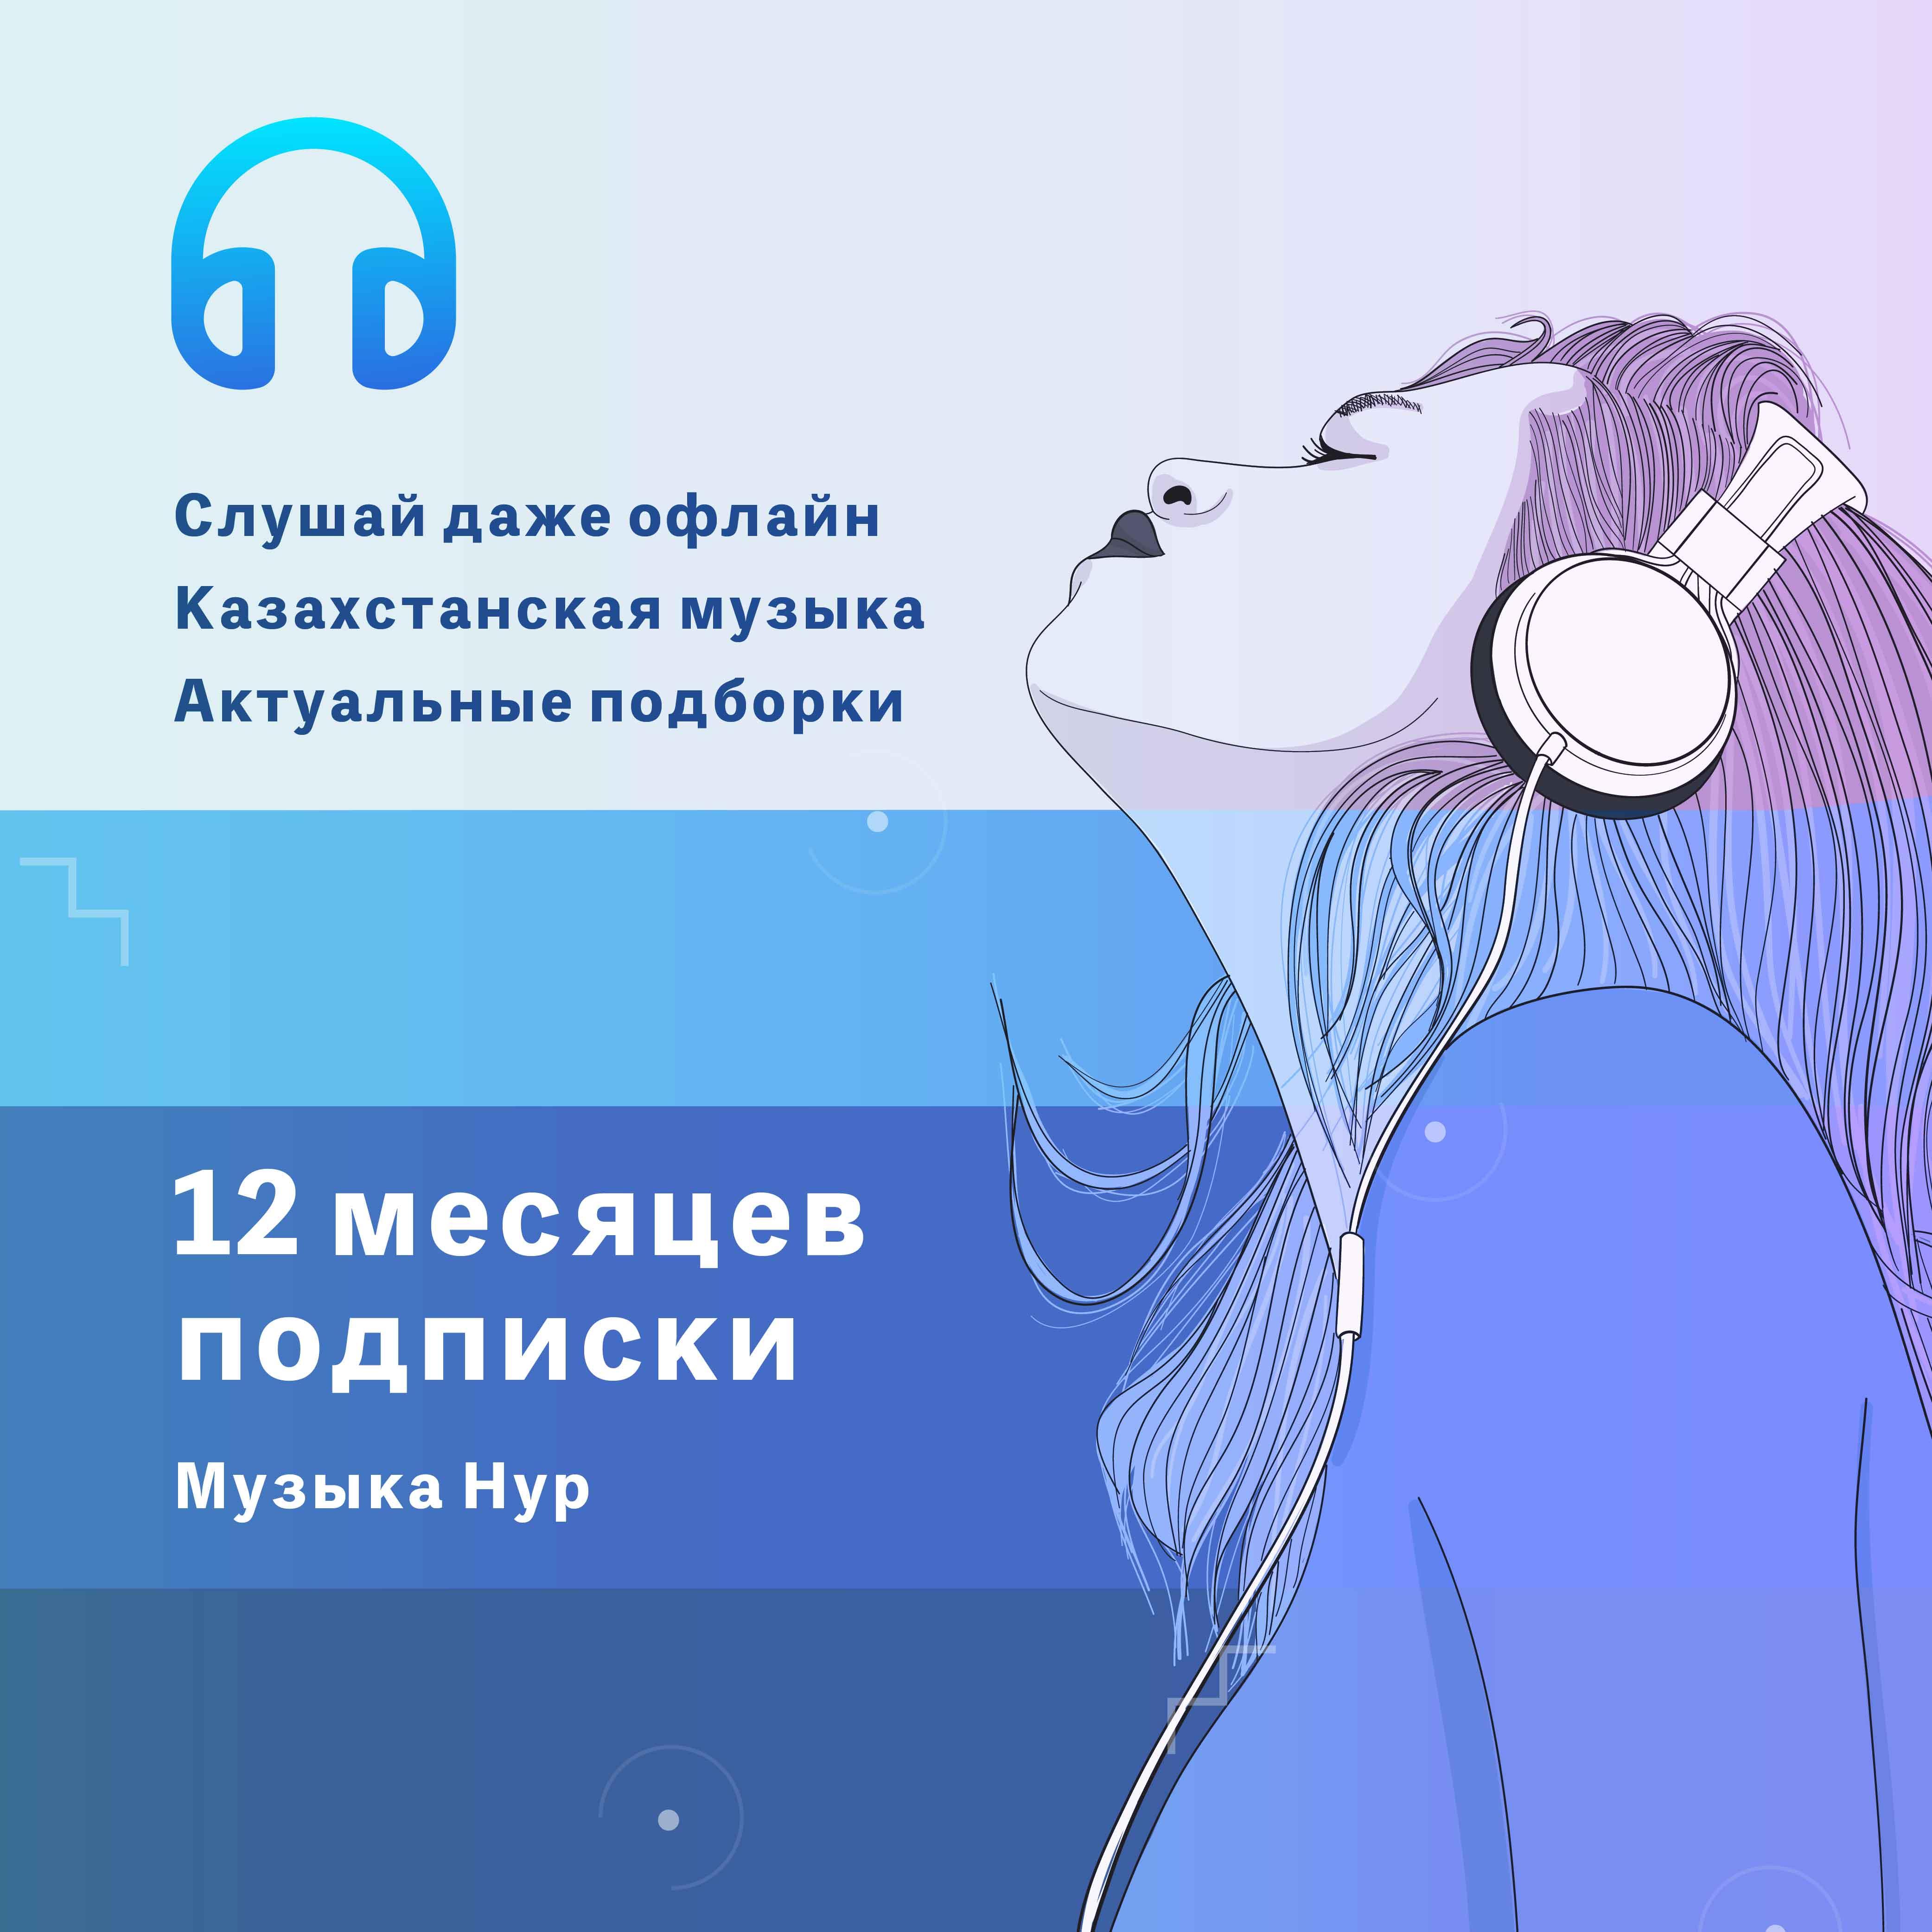 """Подписка """"Музыка Нур"""" на 12 месяцев"""